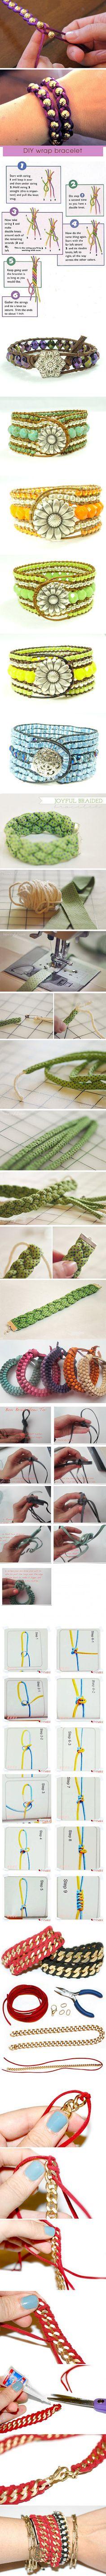 De met de hand gemaakte DIY armband kralen sieraden